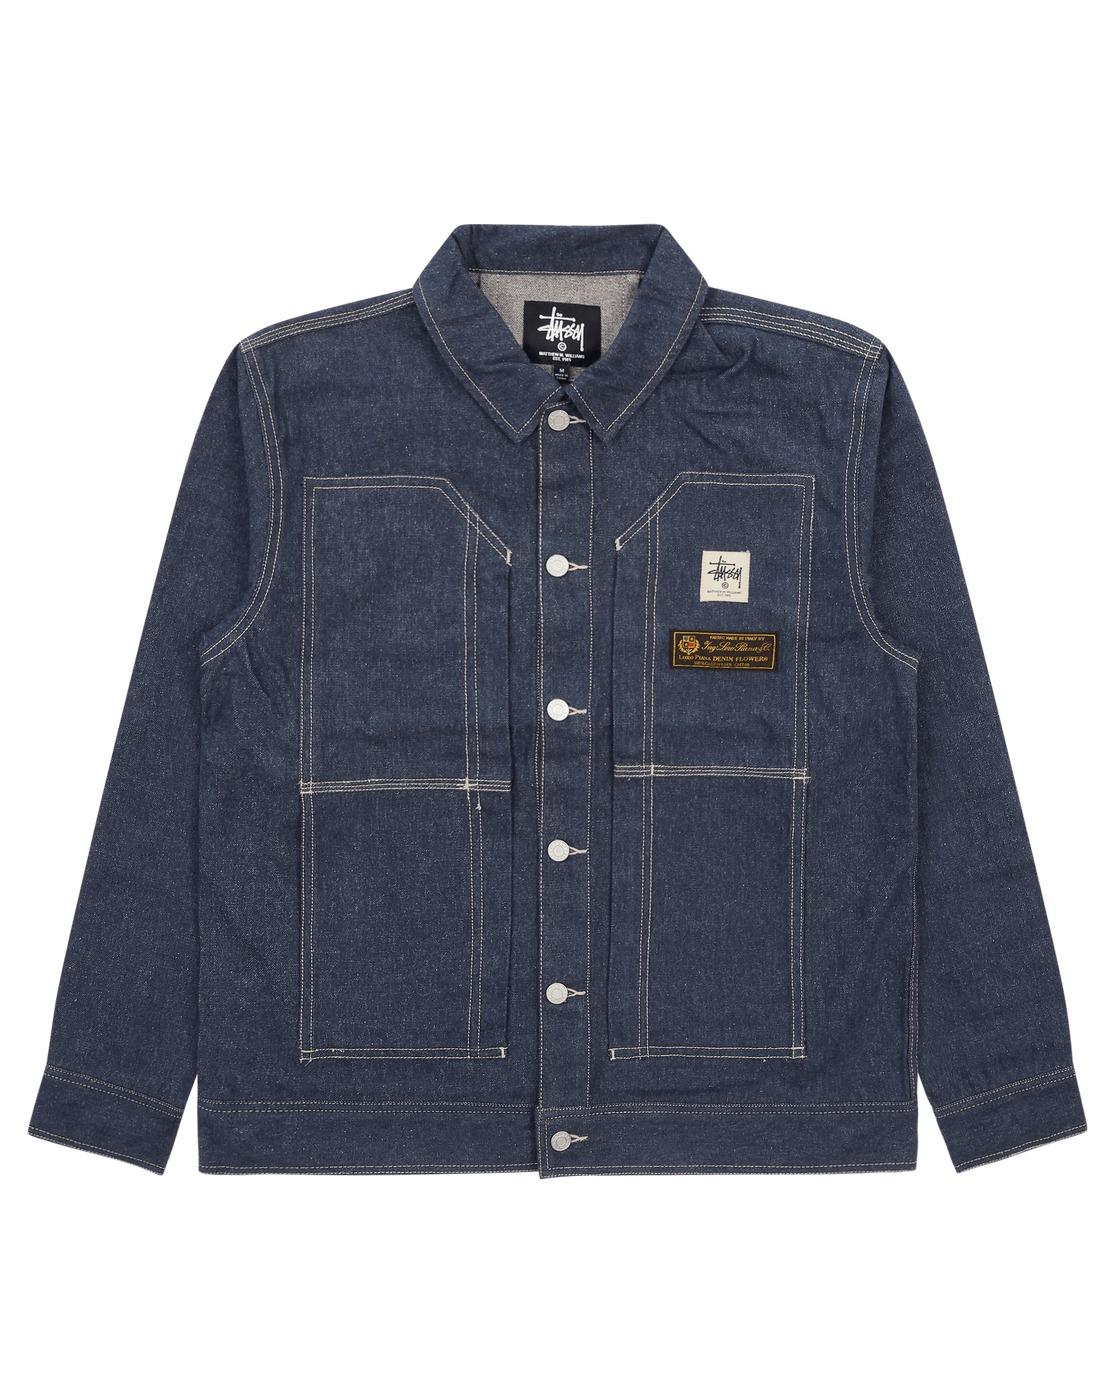 1017 Alyx 9sm Stussy & Mmw Work Jacket Blue Denim